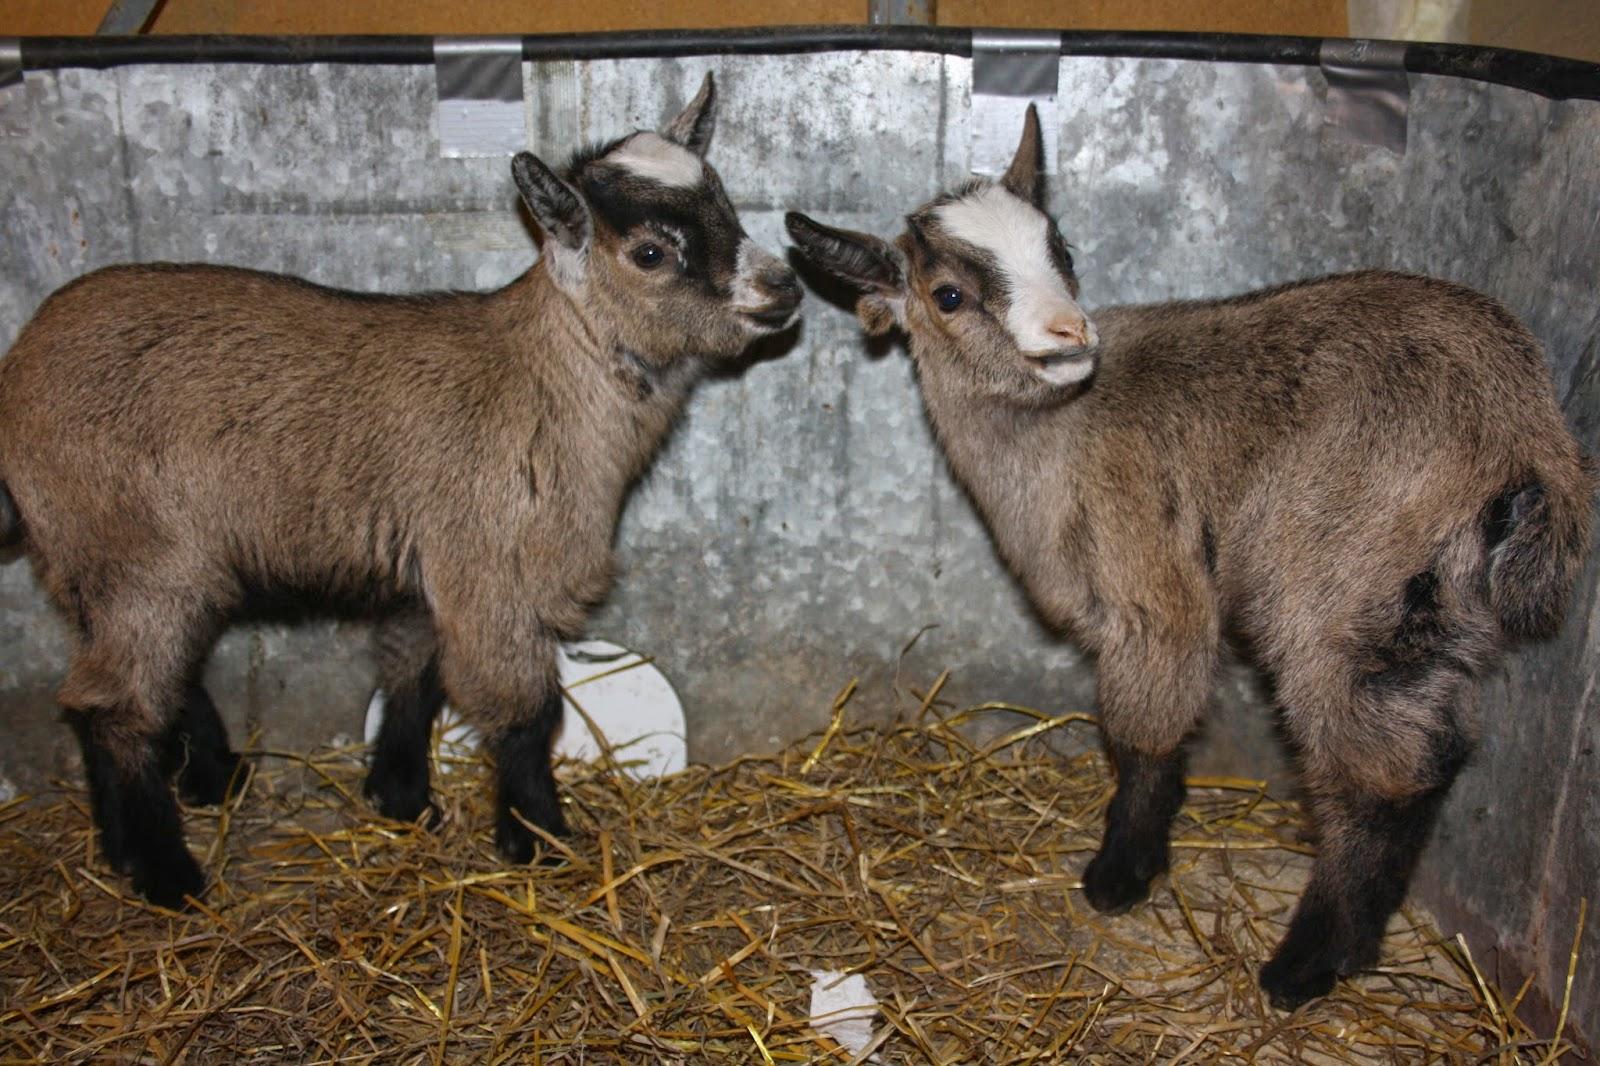 Pueden ocurrir bocios en cabras adultas